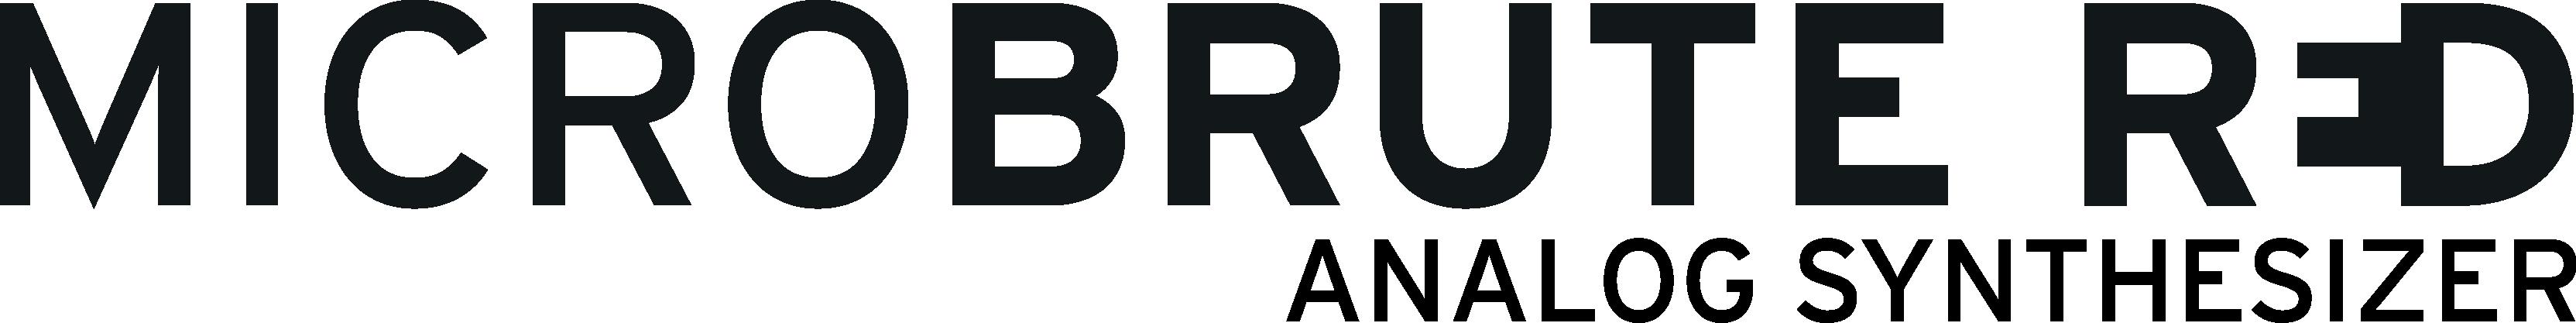 microbrutered-logo